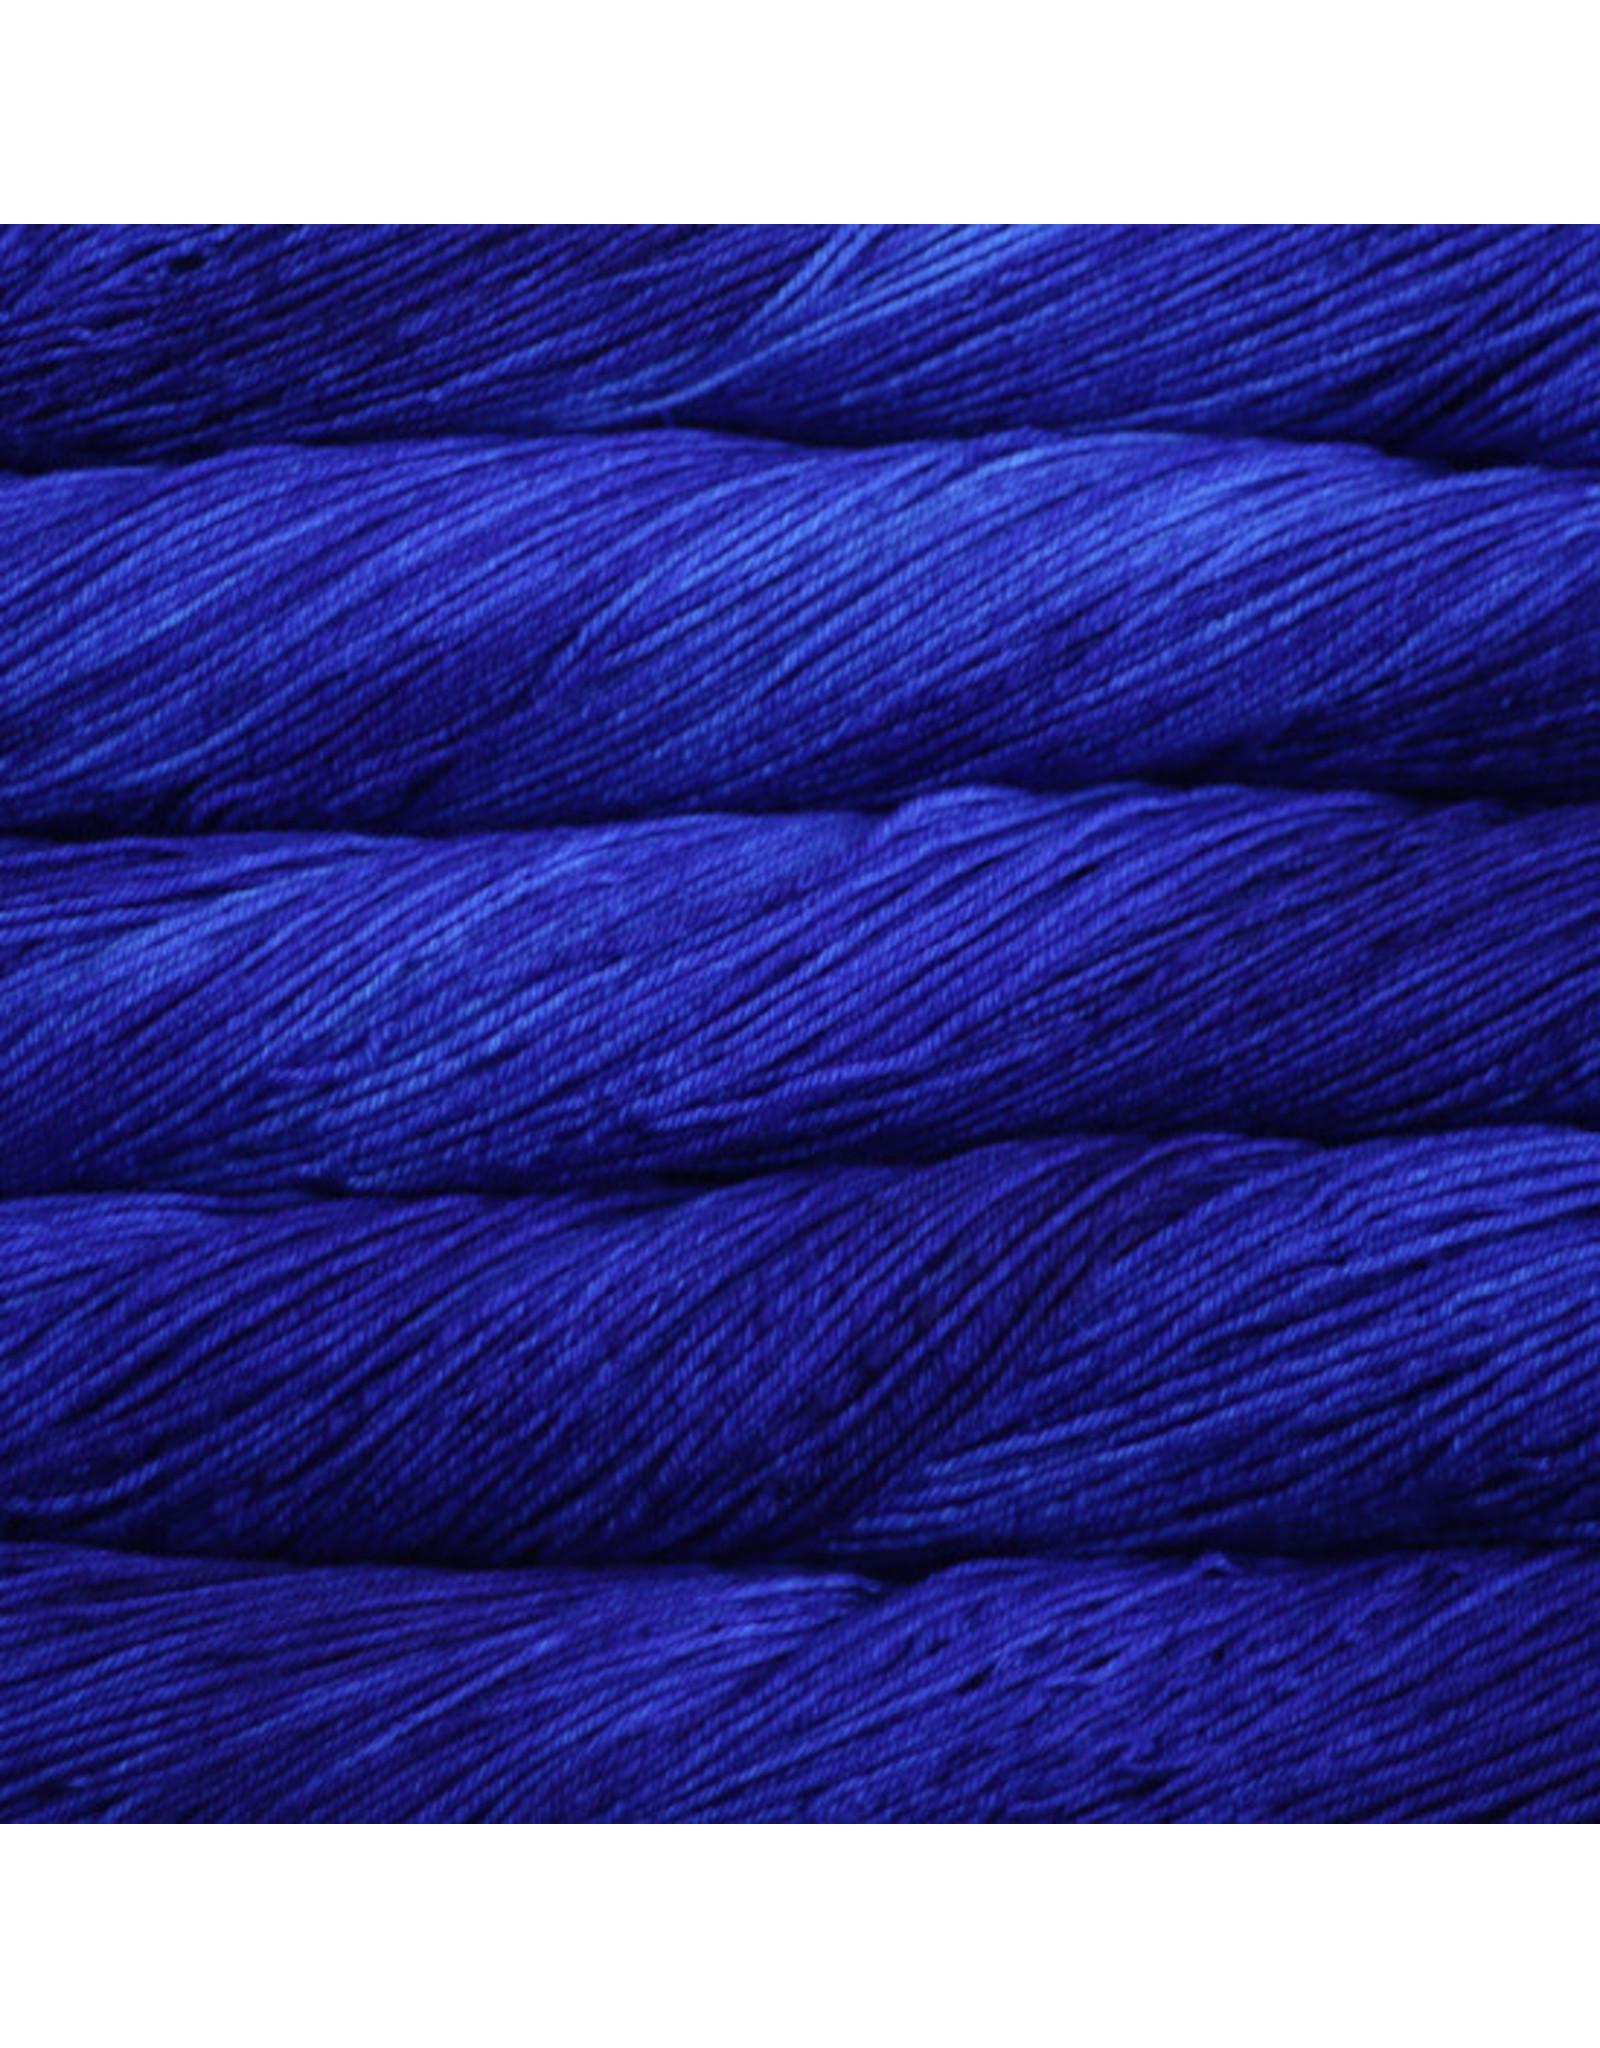 Malabrigo Matisse Blue 415 - Arroyo - Malabrigo